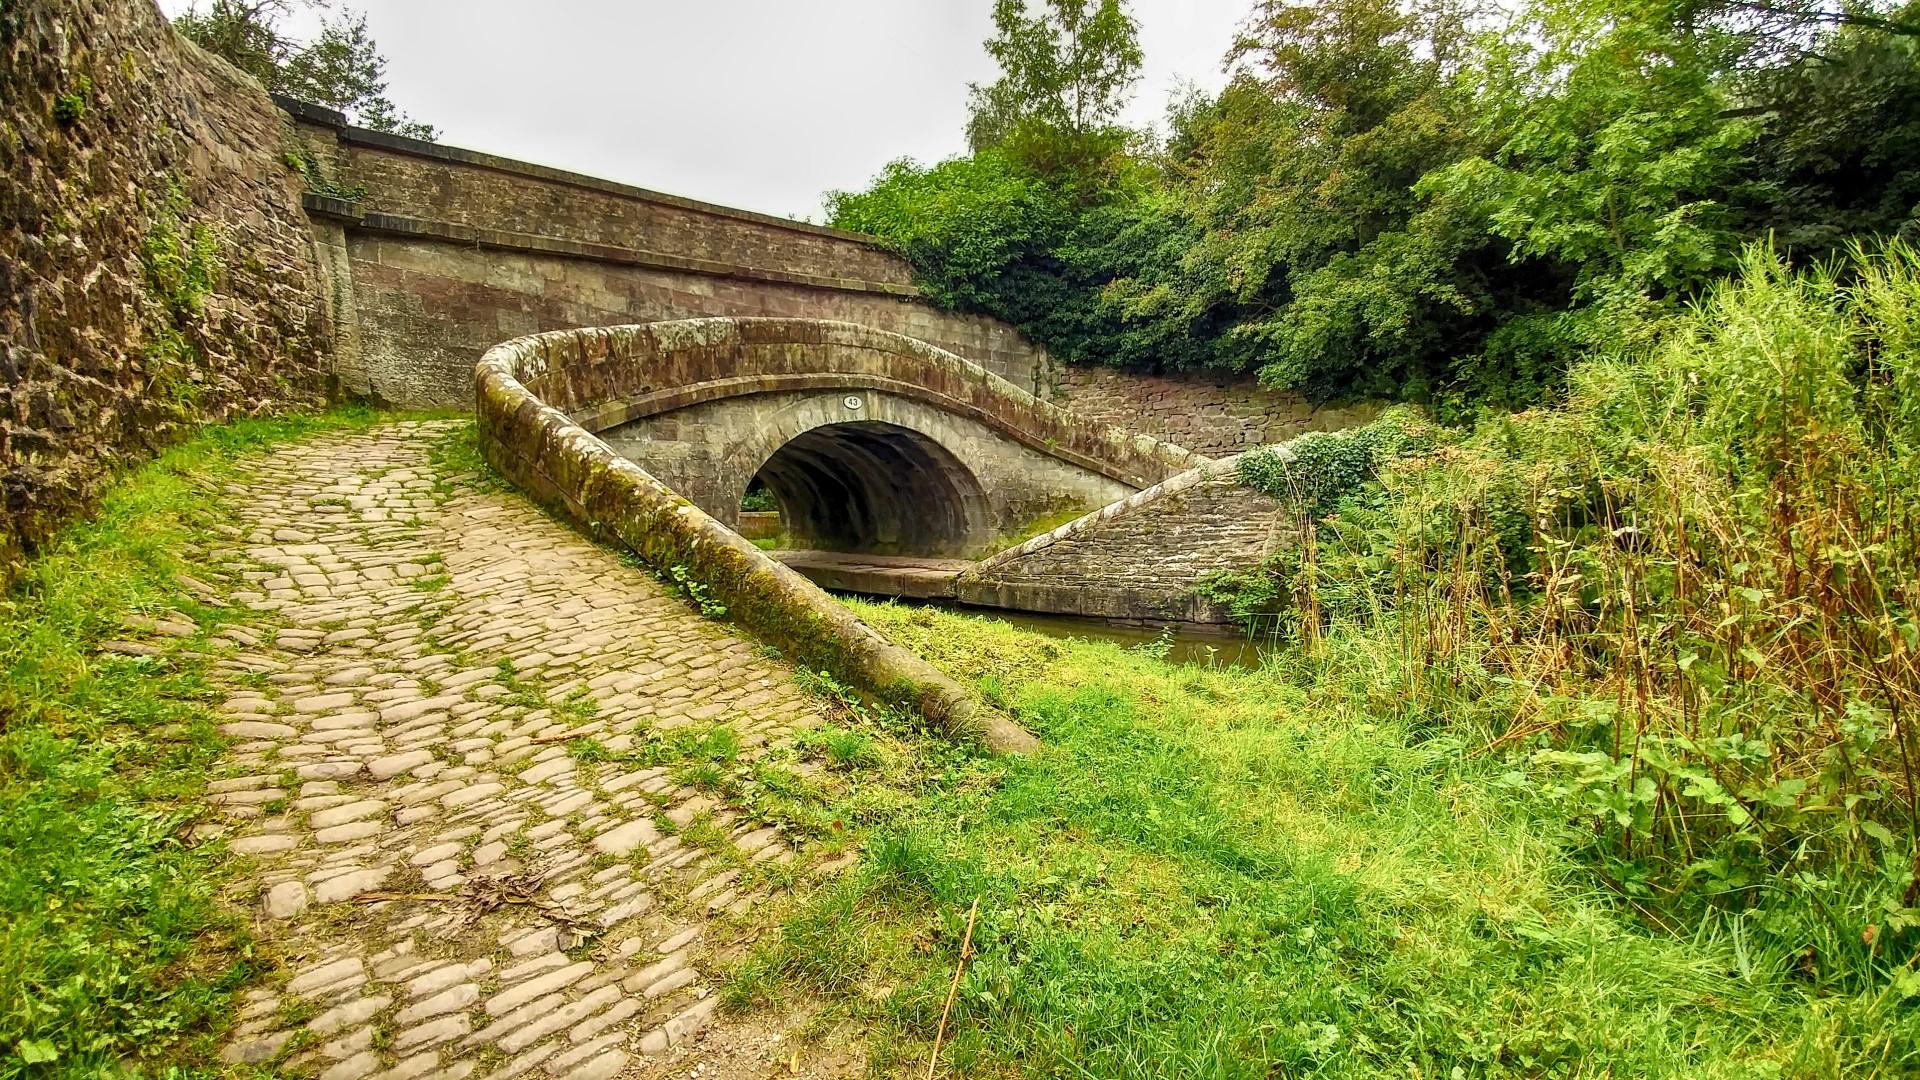 Switch back bridge 43 close to Macclesfield Gold club